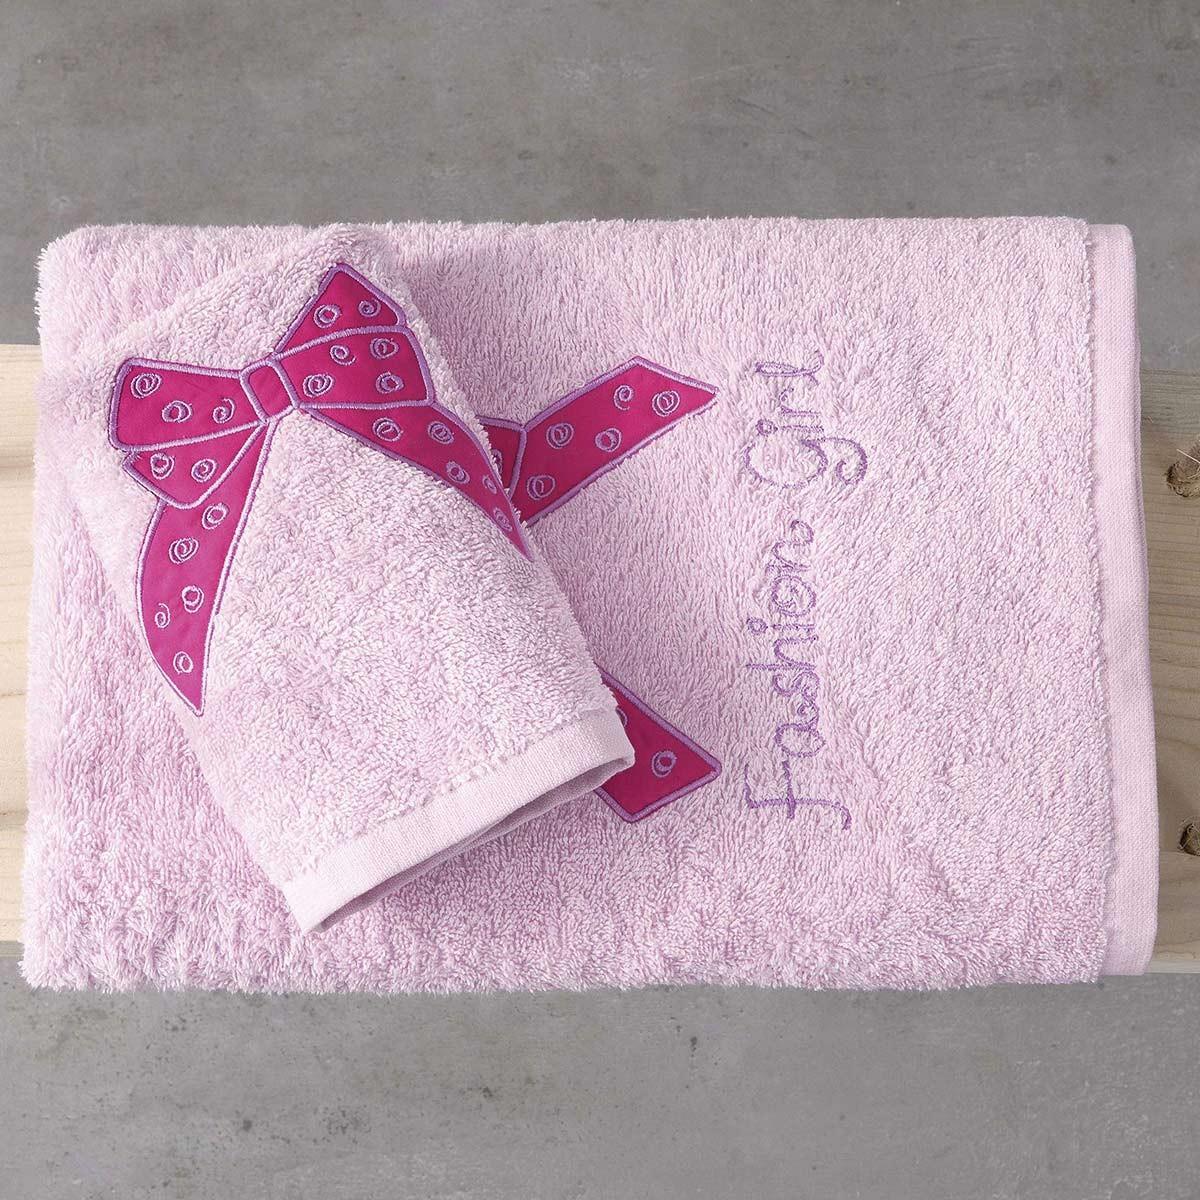 Παιδικές Πετσέτες (Σετ 2τμχ) Nima Kids Fashion Girl